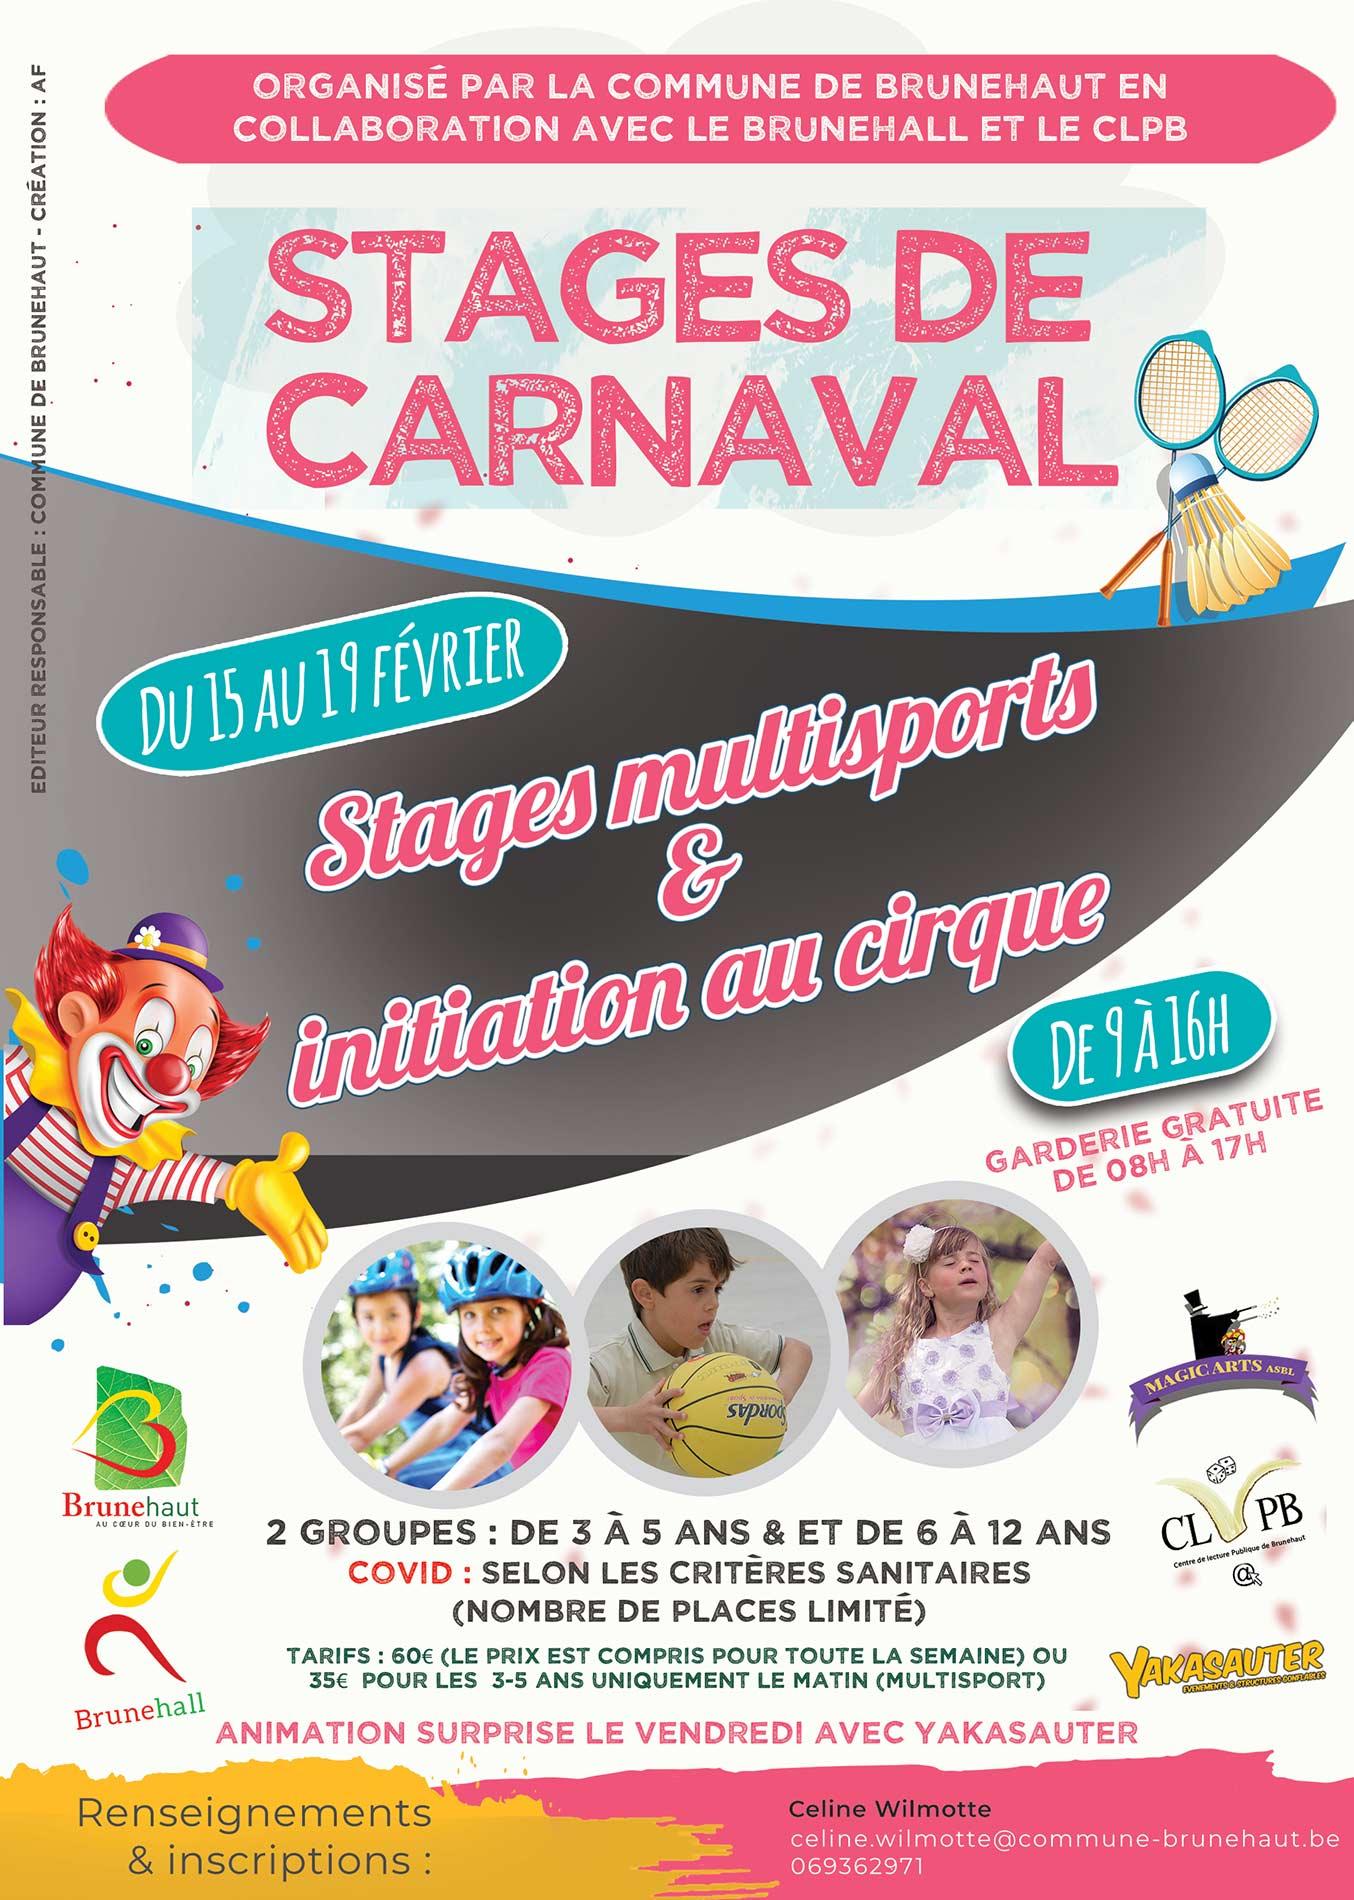 Stages de Carnaval 2021 à Brunehaut